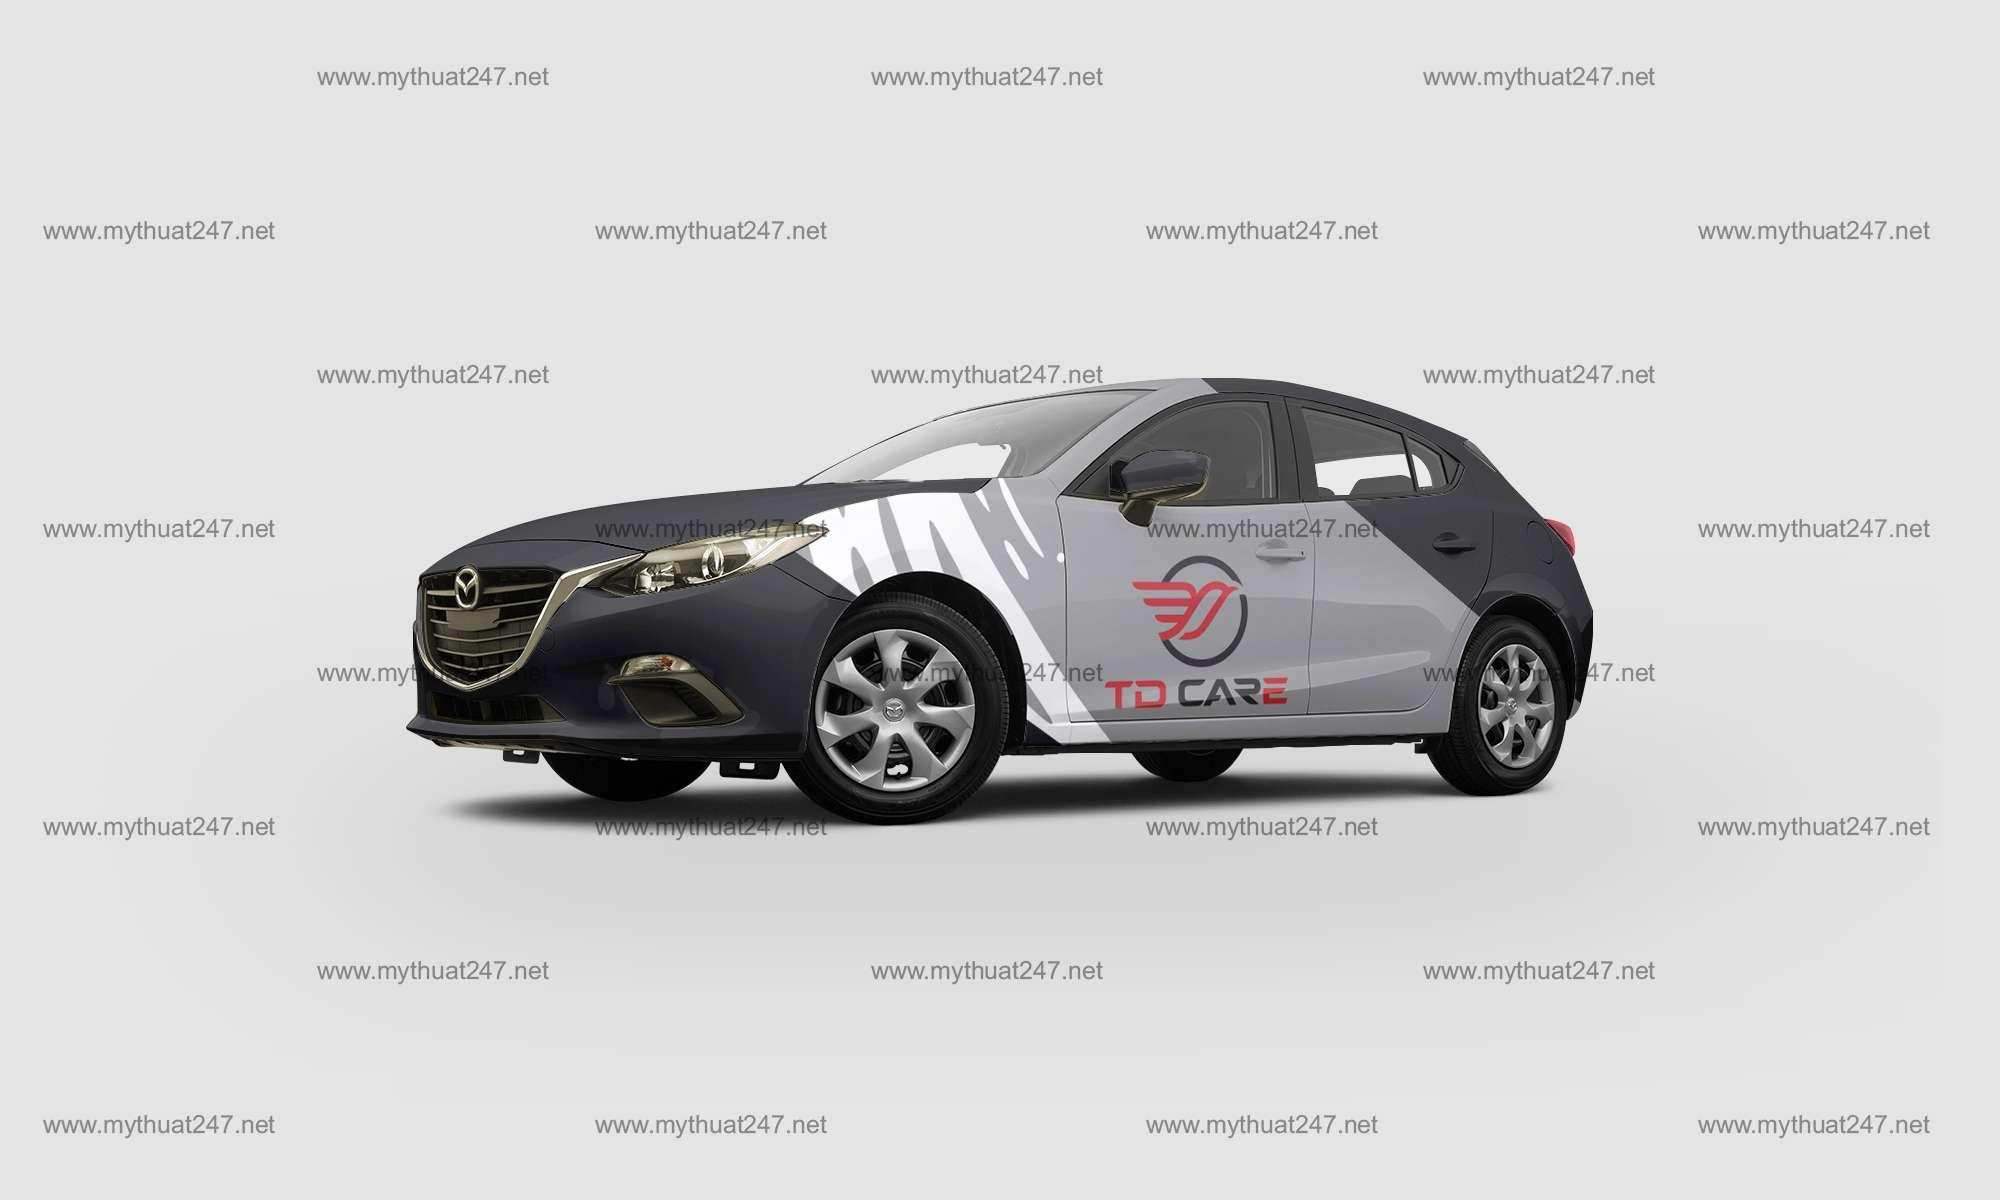 Thiết kế logo công ty tnhh tm dịch vụ mâm lốp toàn dung